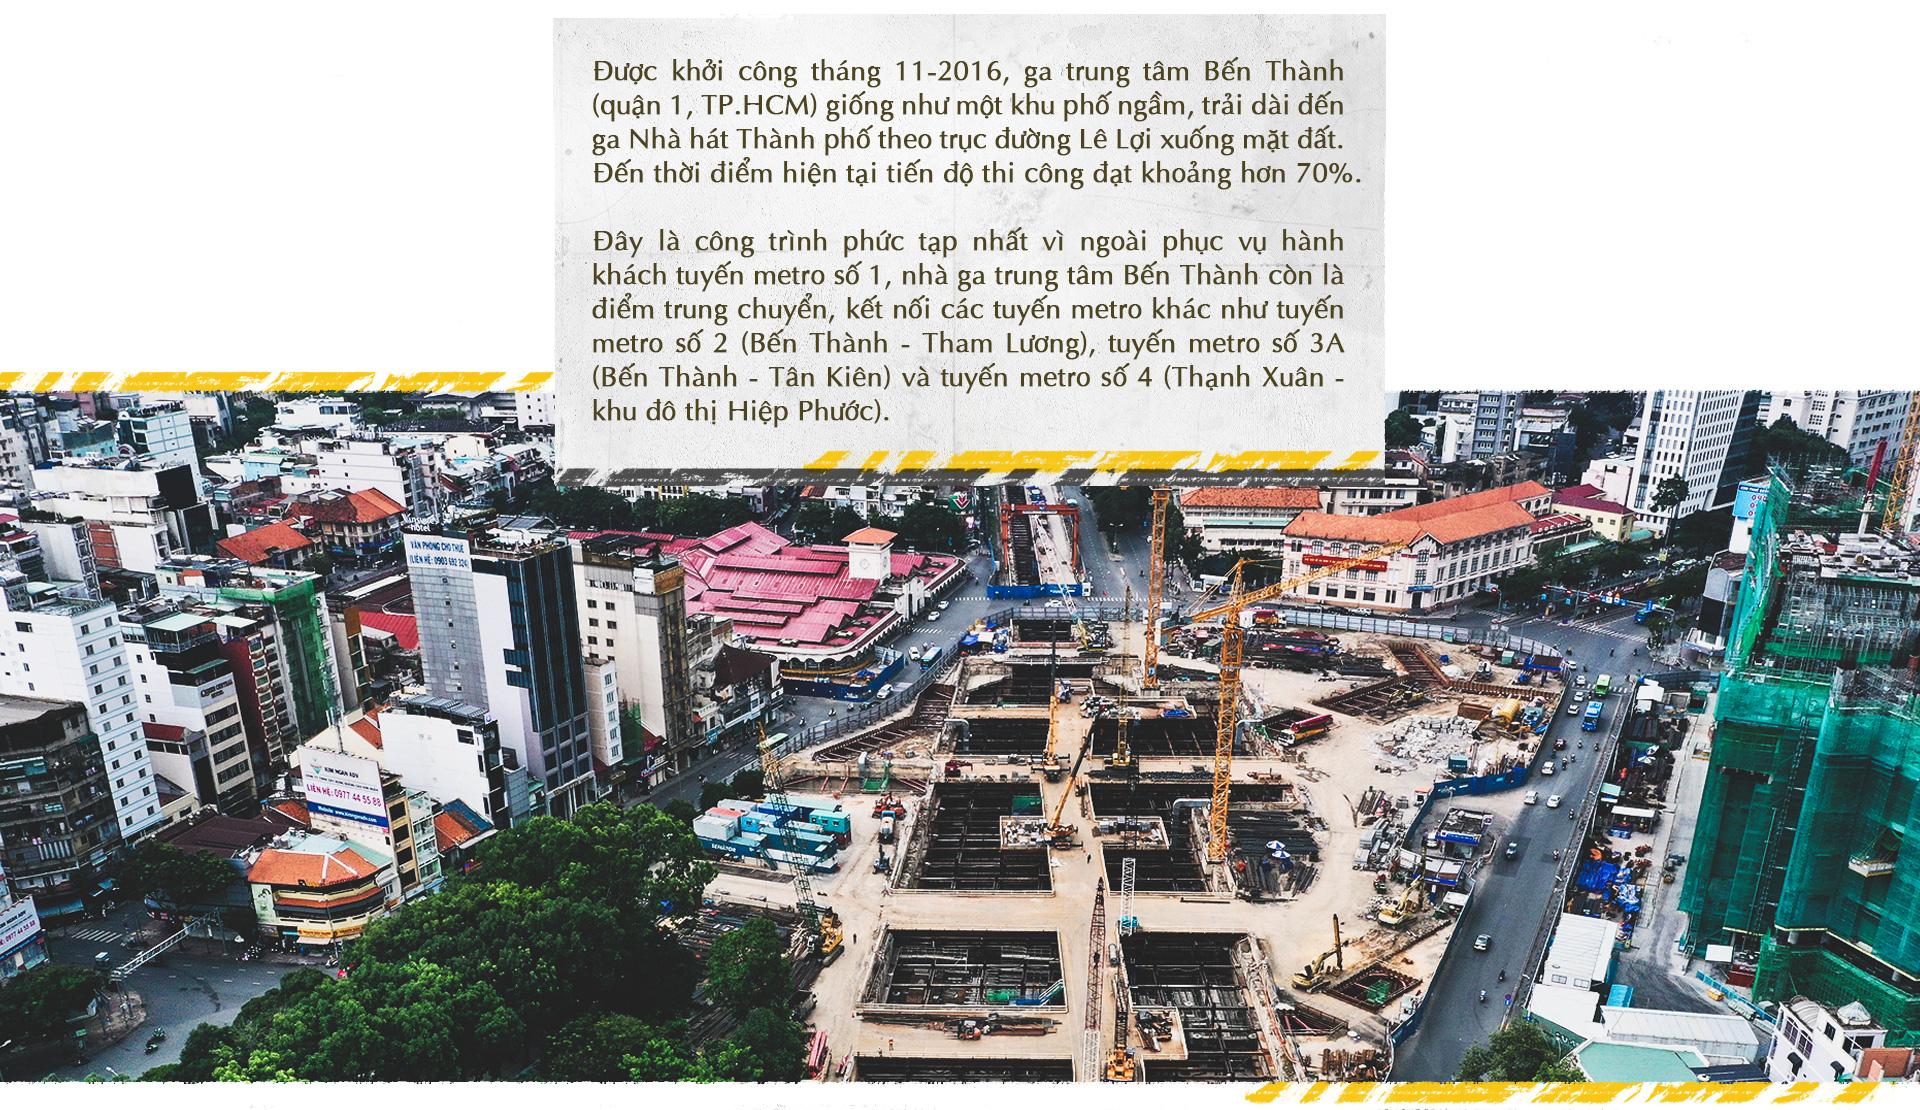 Xuống lòng đất Sài Gòn, khám phá trái tim công trình metro ngầm - Ảnh 2.